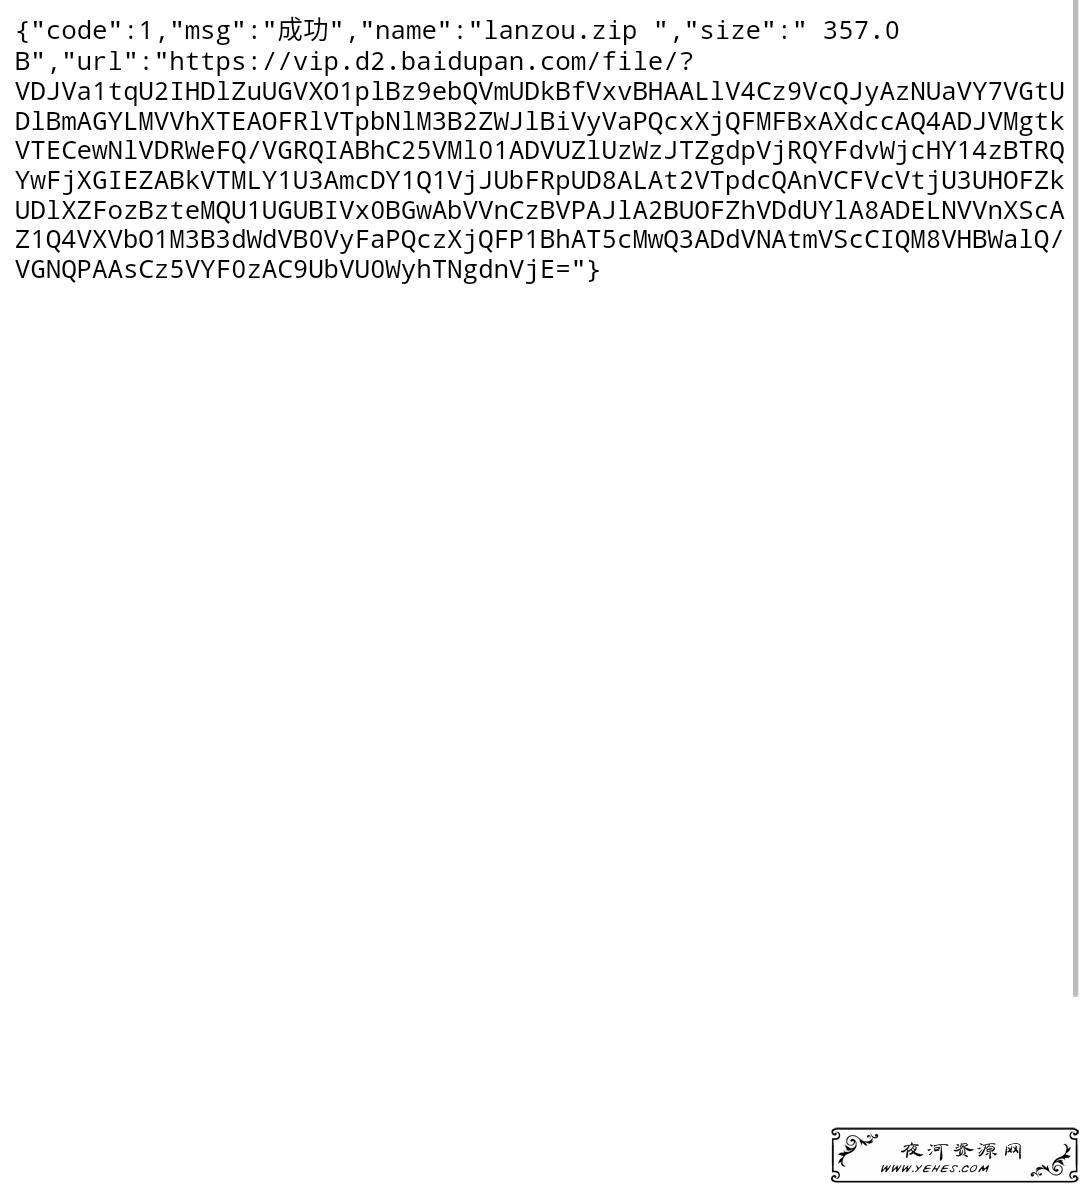 php最新获取蓝奏云网盘文件直链源码